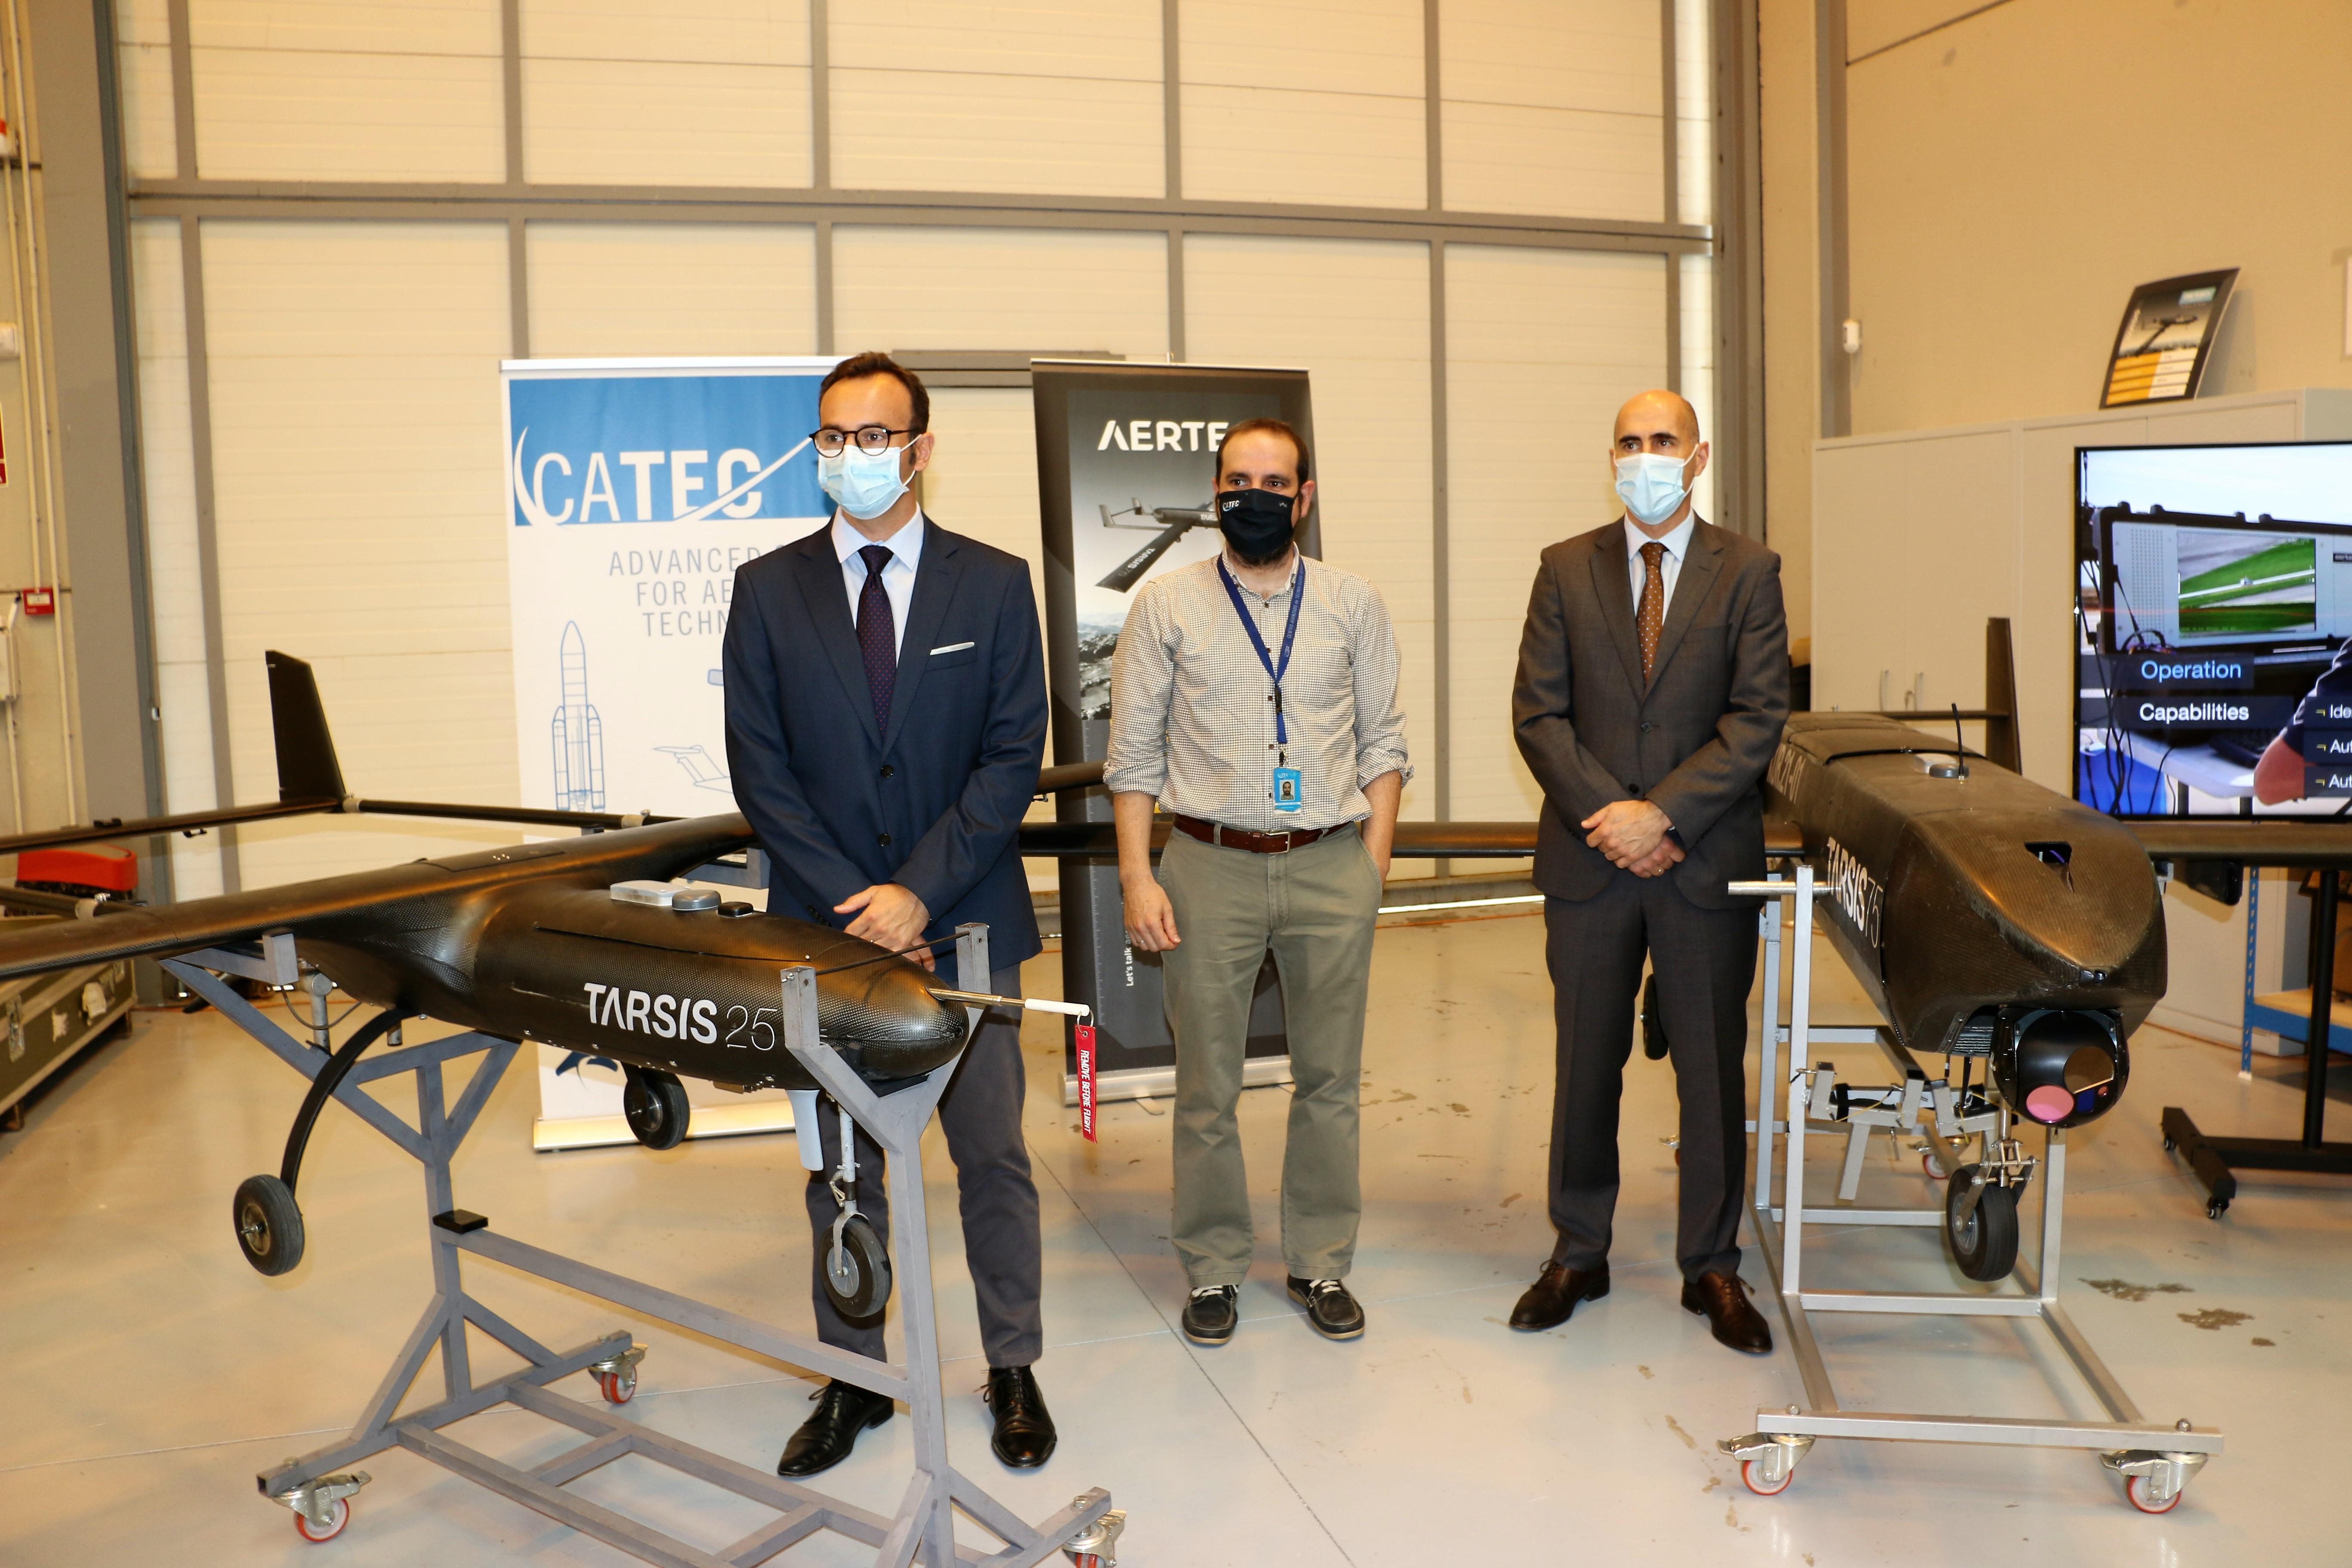 CATEC y AERTEC se alían para el impulso tecnológico del sector de los UAS en Andalucía